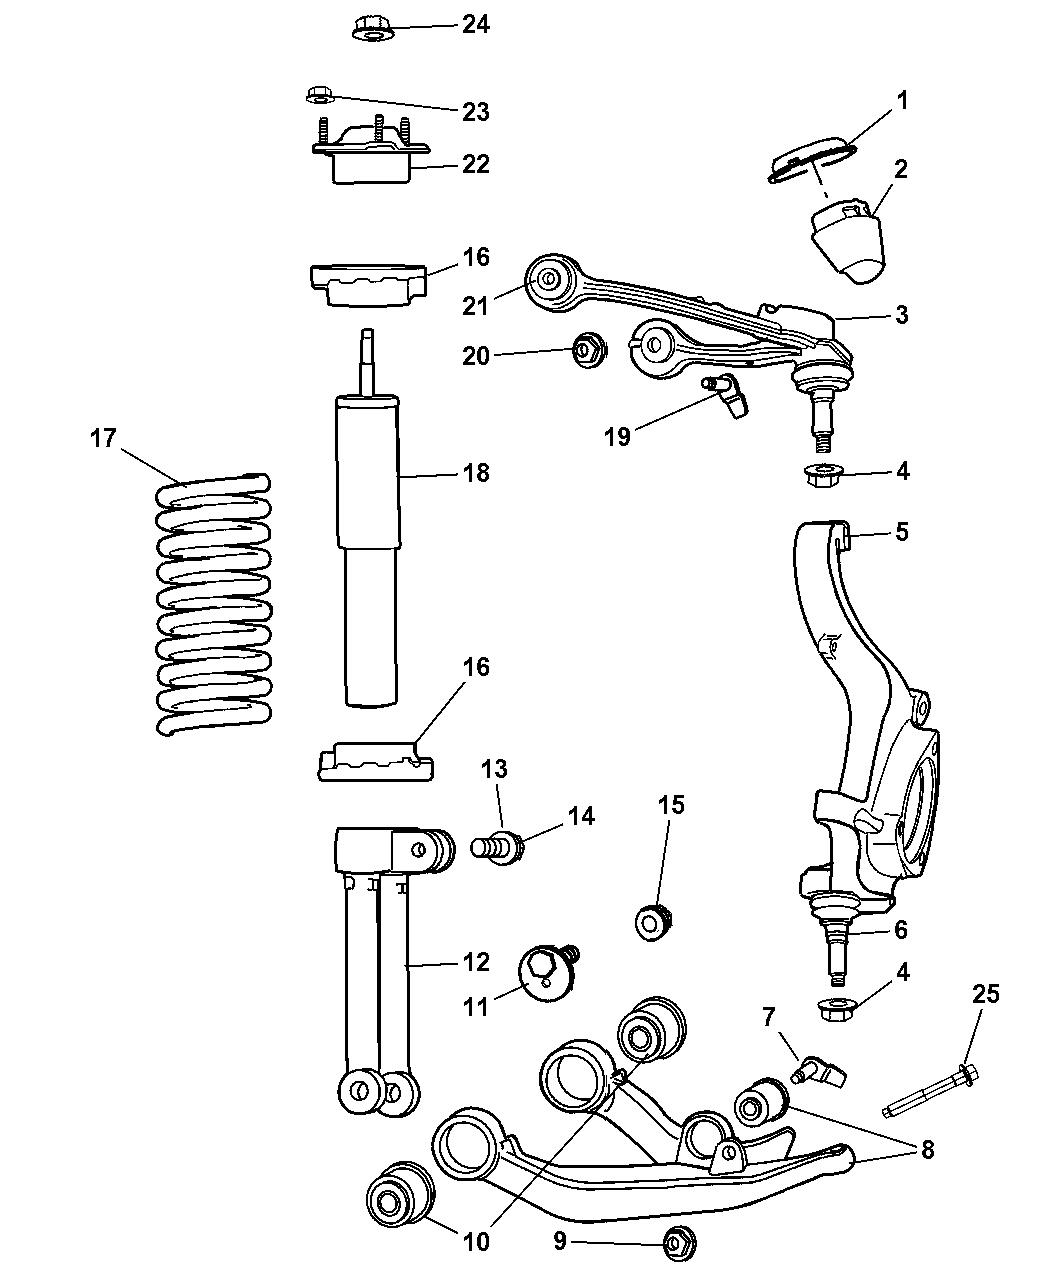 Diagram Of Jeep Liberty Rear Upper Control Arm